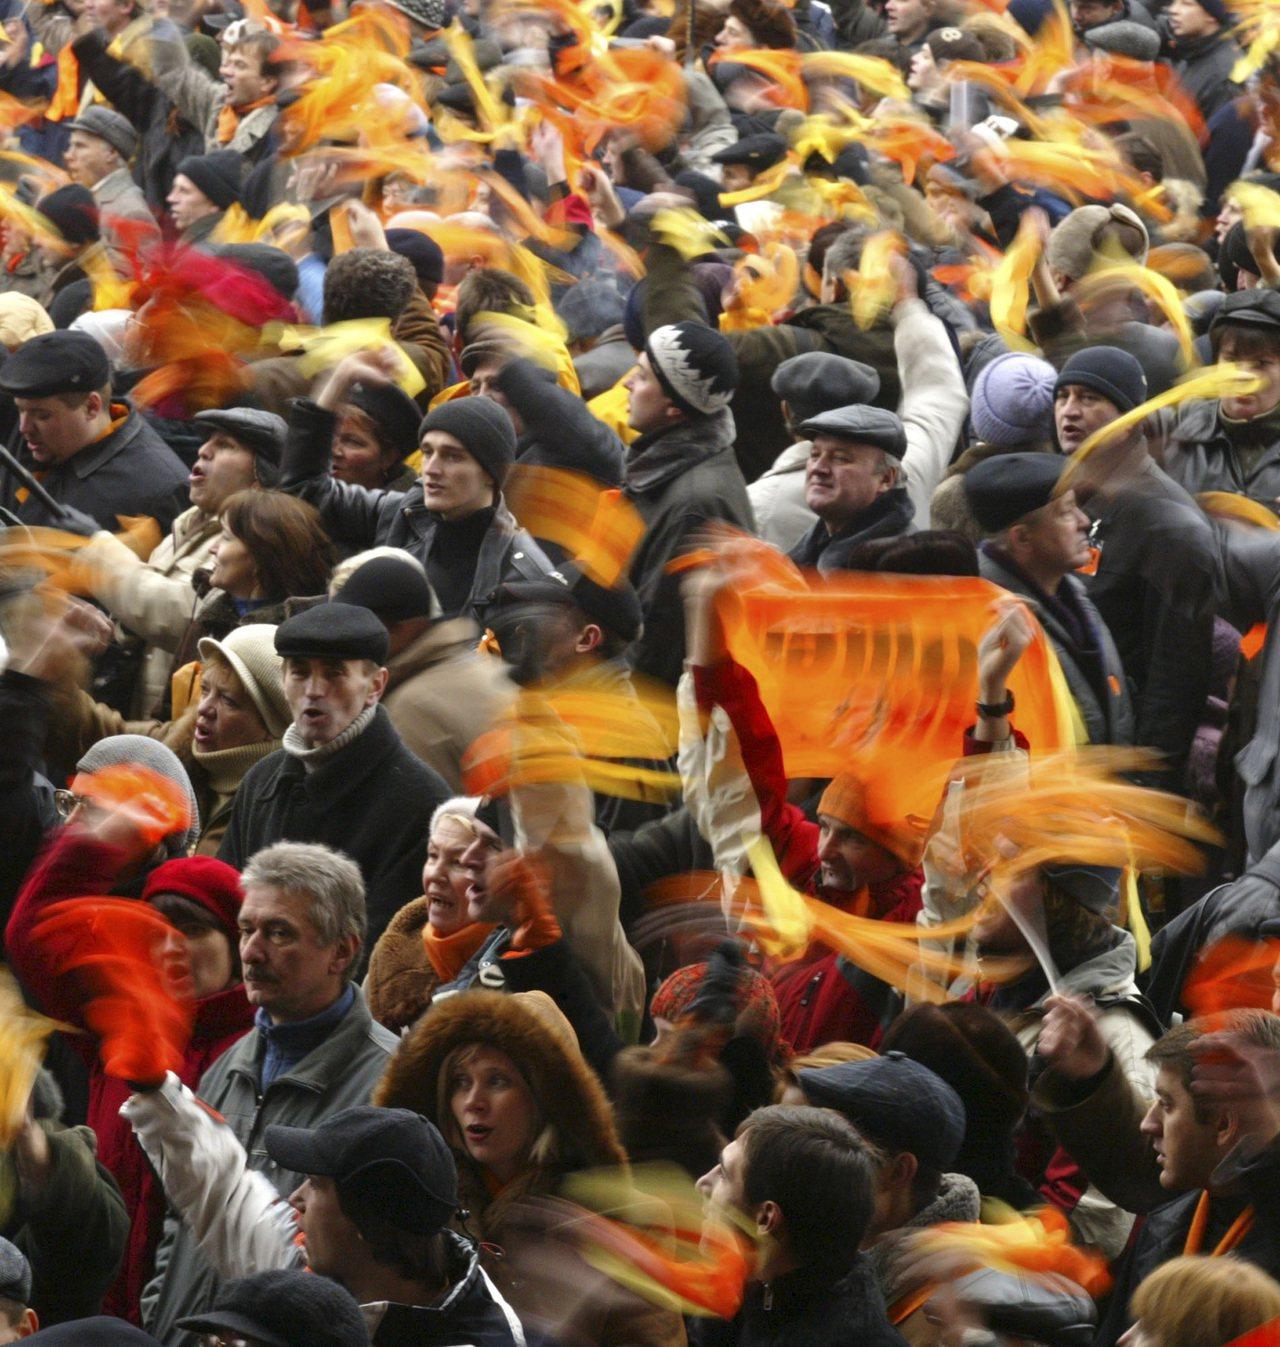 烏克蘭橘色革命成功讓政府重新舉行總統選舉。 (美聯社)